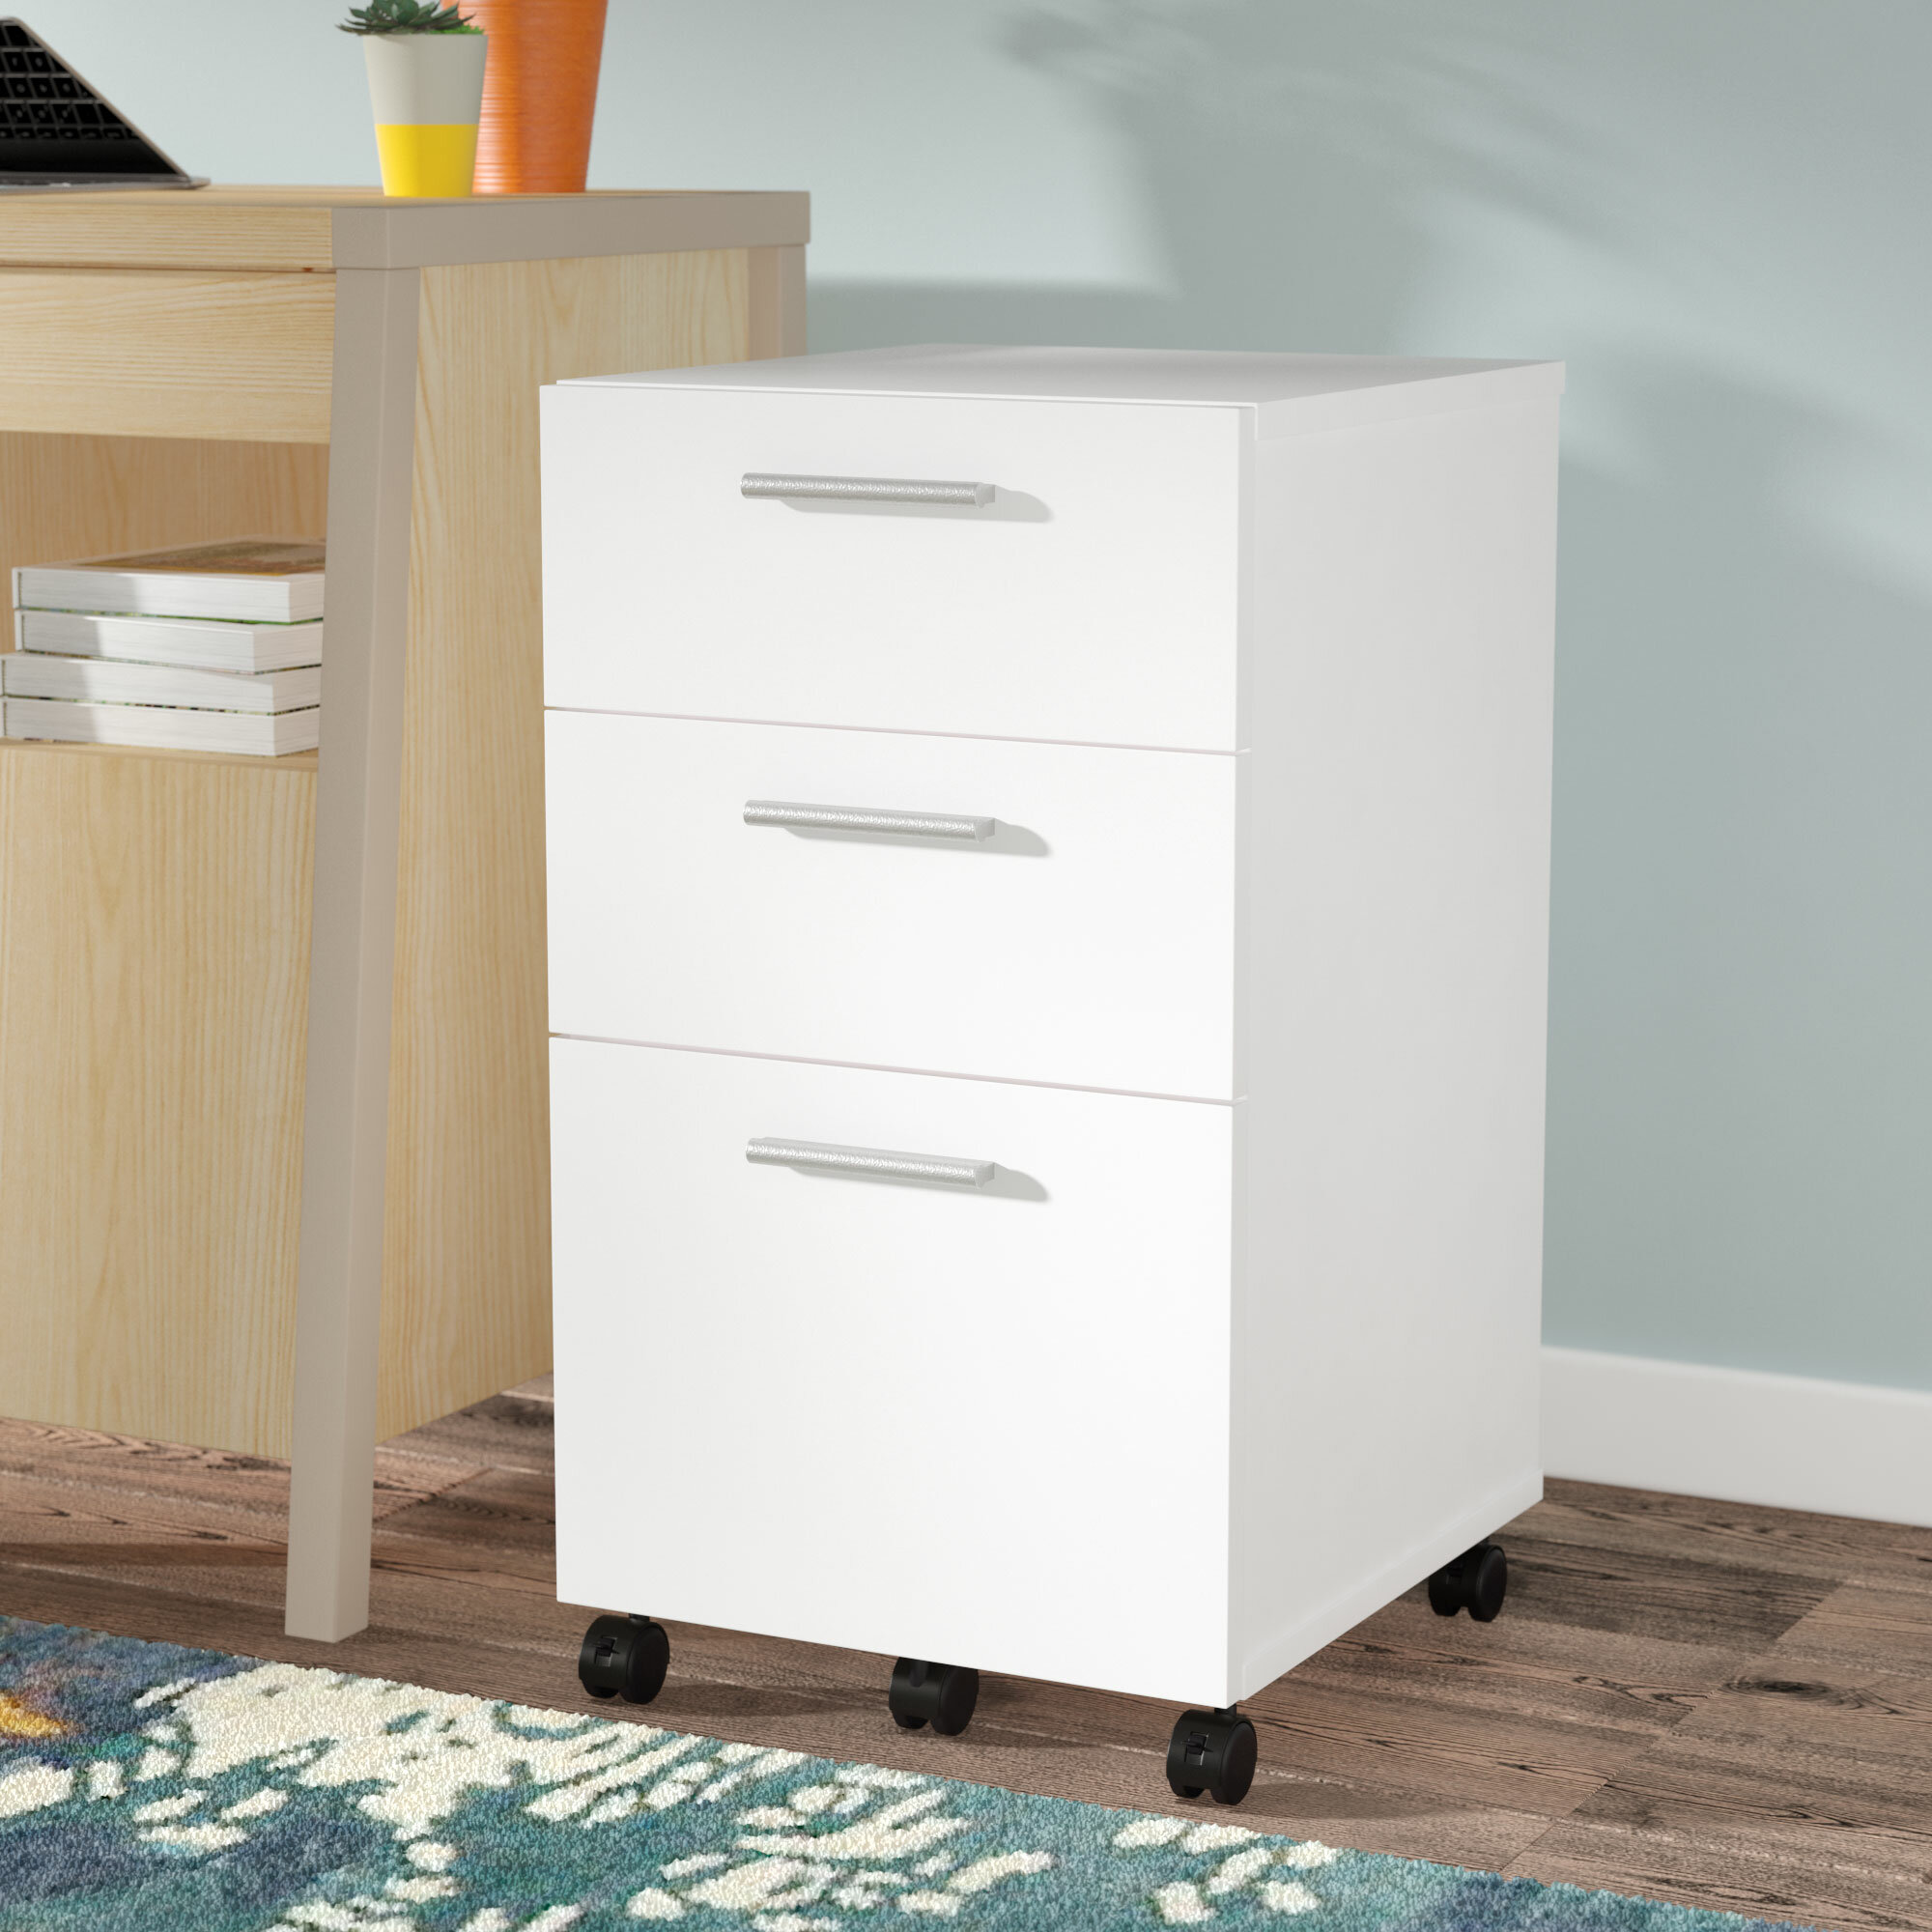 Laude Run Magdalena 3 Drawer Mobile Filing Cabinet Reviews Wayfair